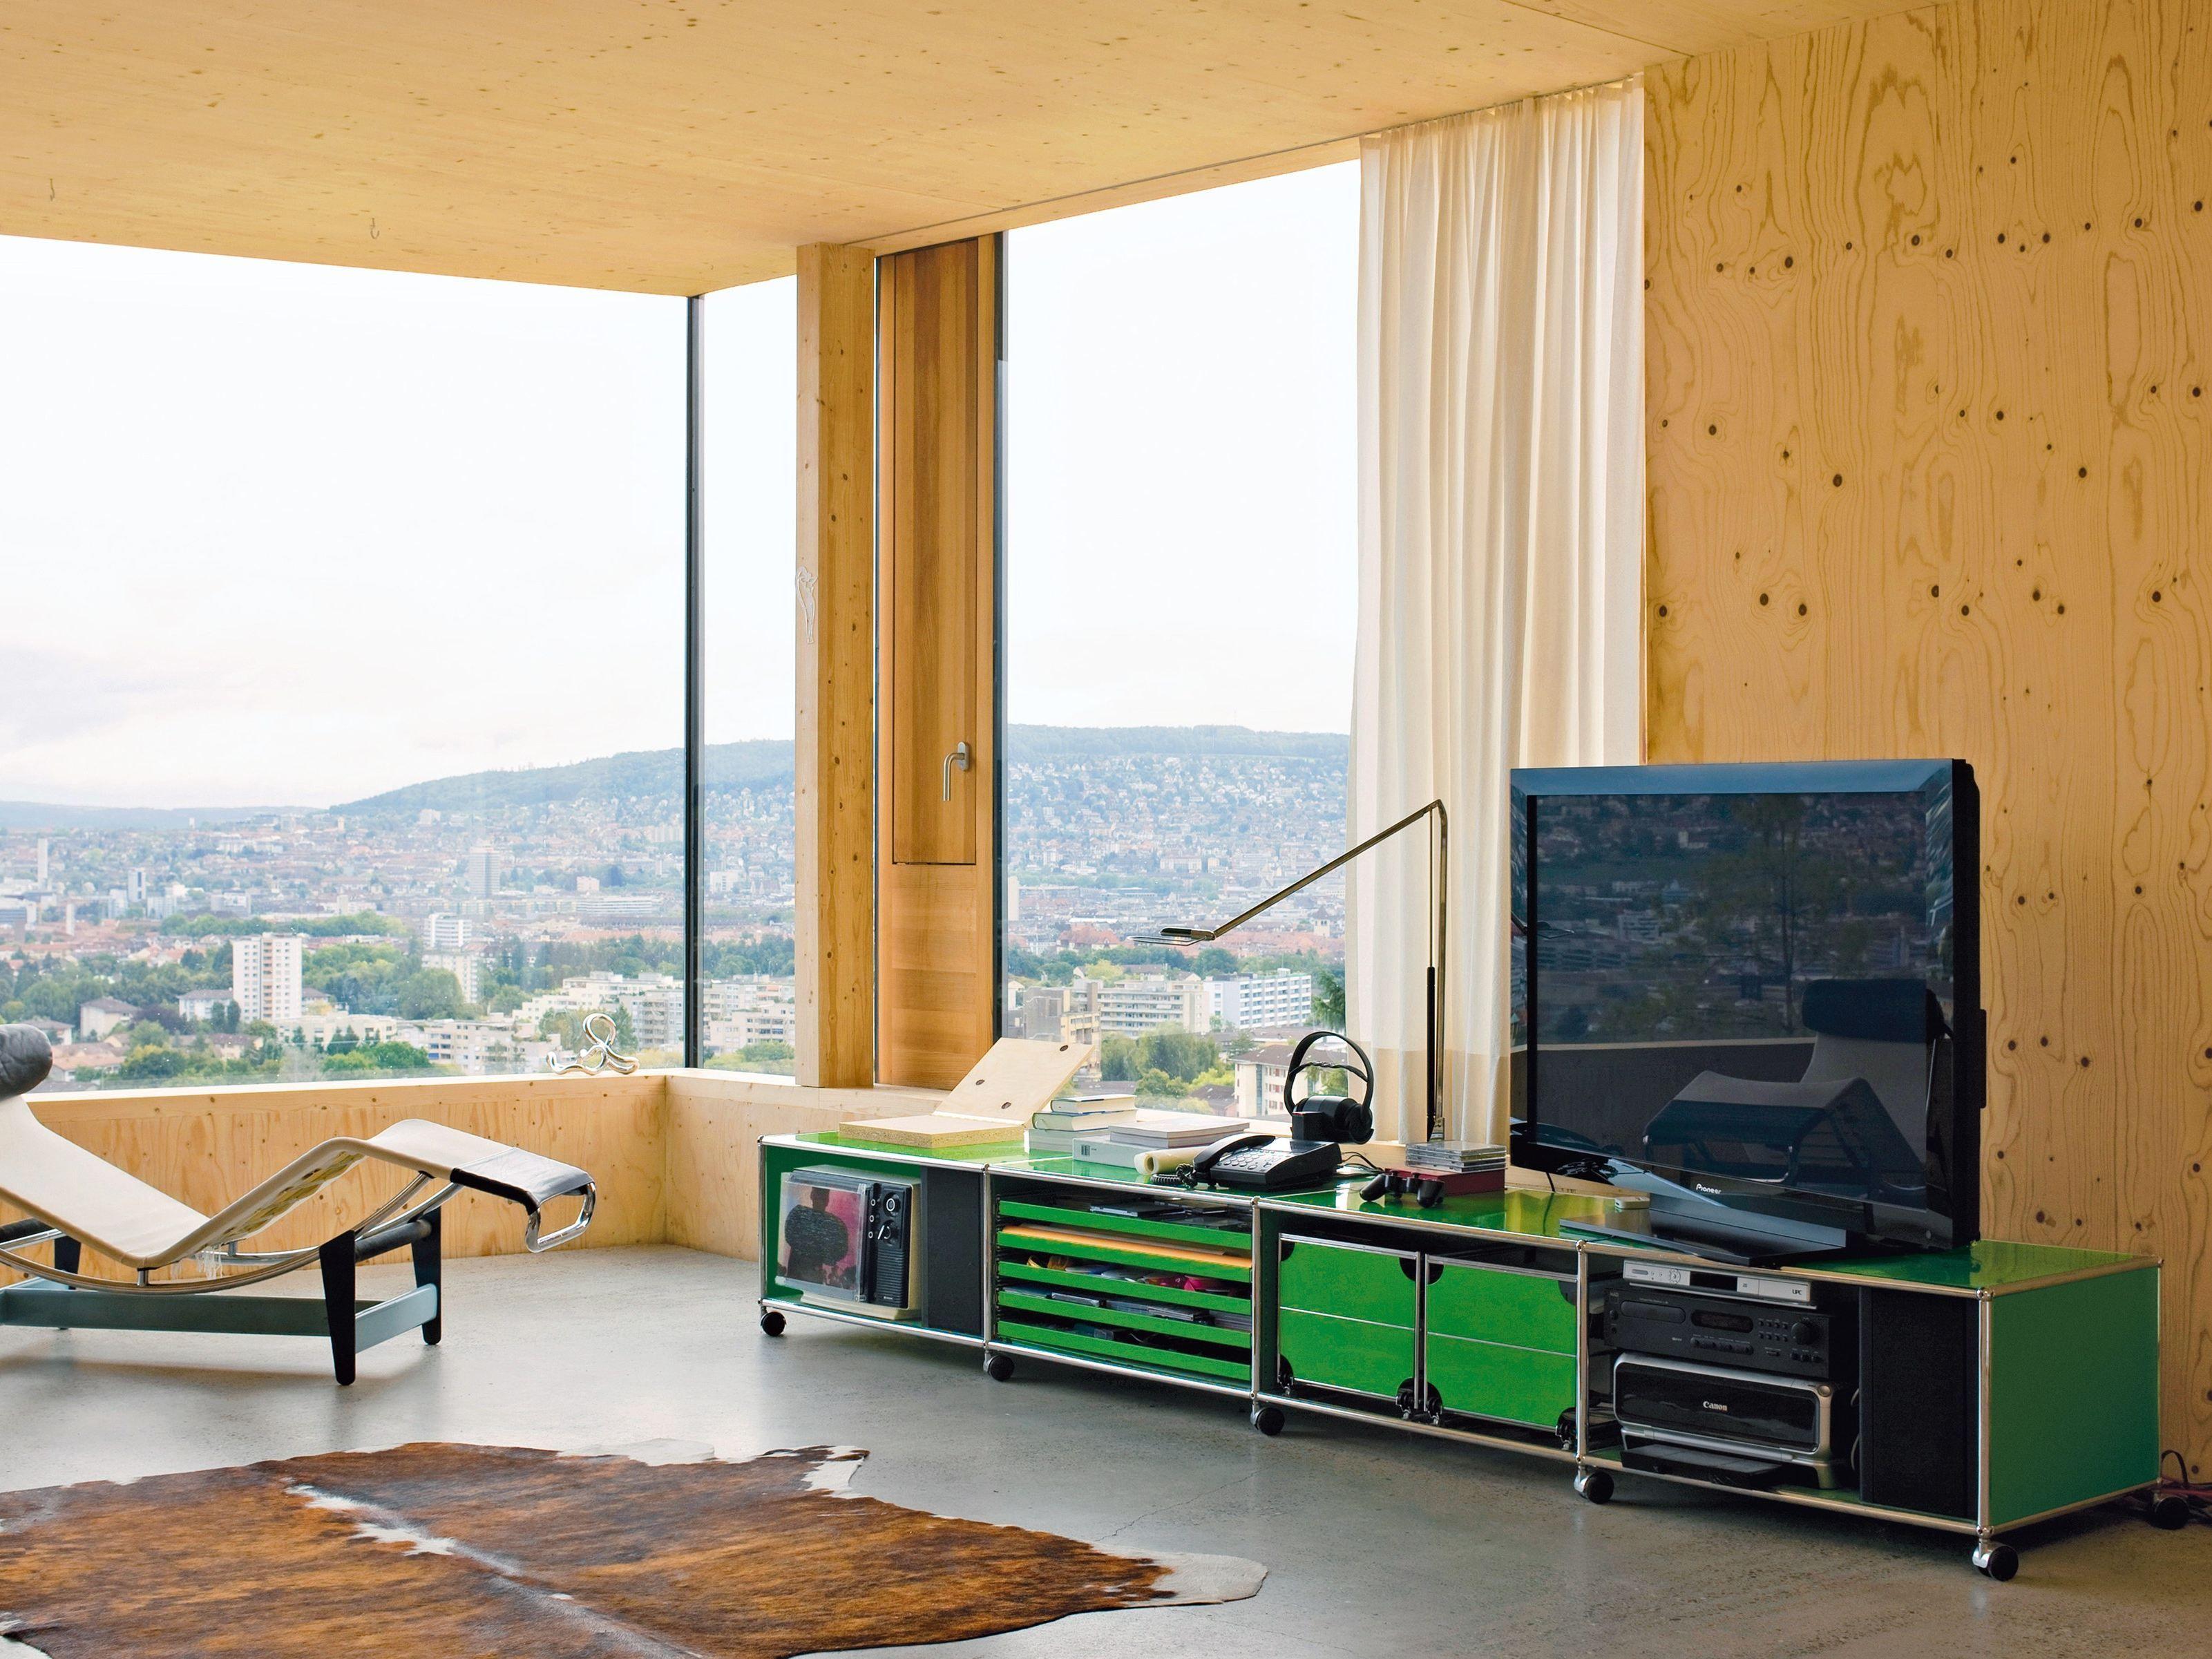 usm haller lowboard as media unit sideboard by usm modular furniture design fritz haller tv. Black Bedroom Furniture Sets. Home Design Ideas